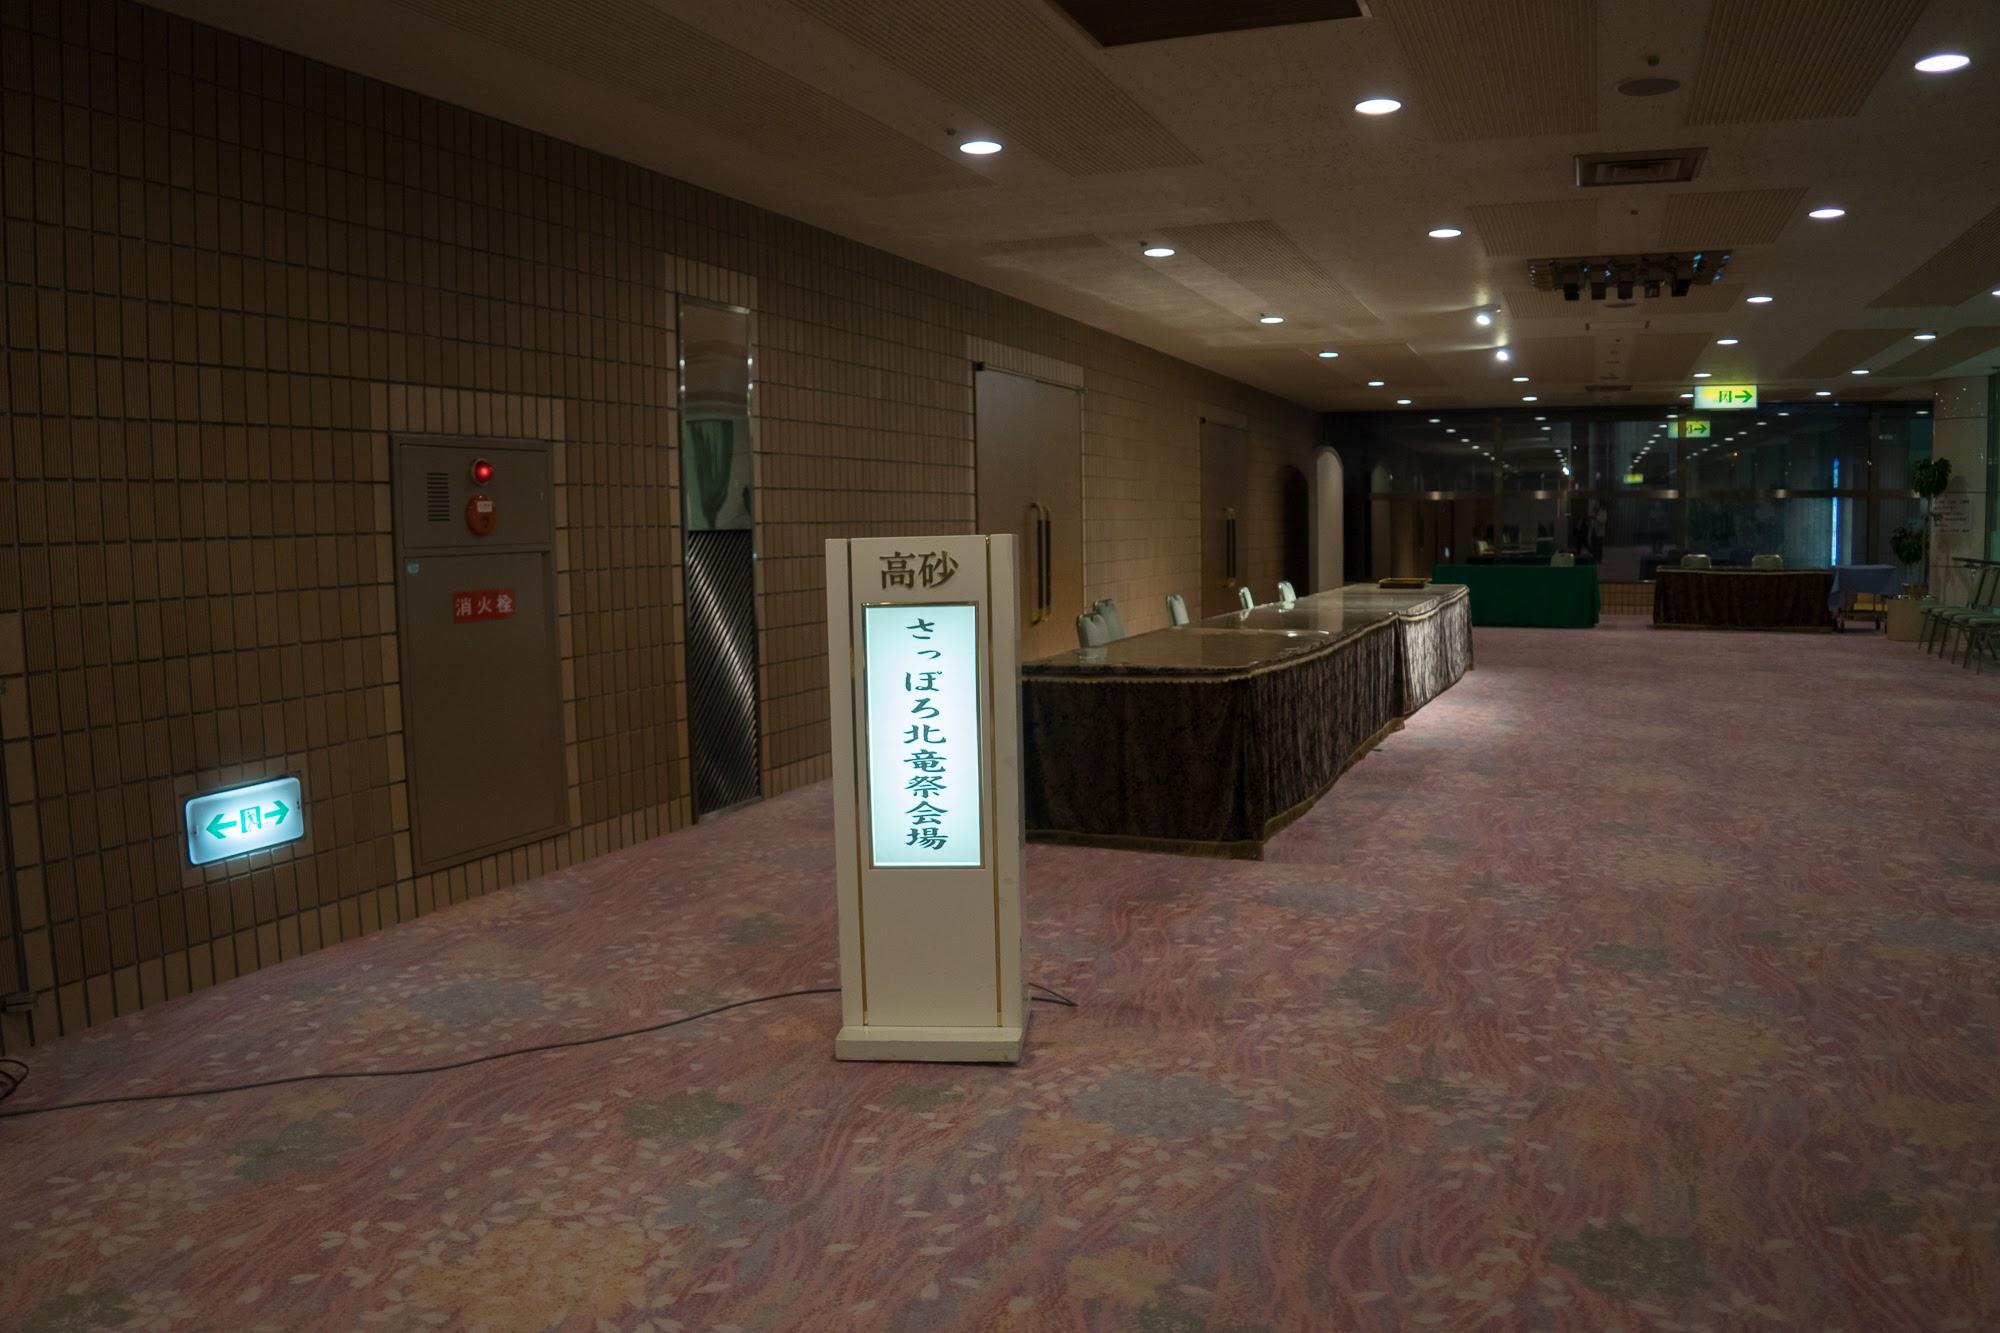 さっぽろ北竜祭り会場(札幌サンプラザ)